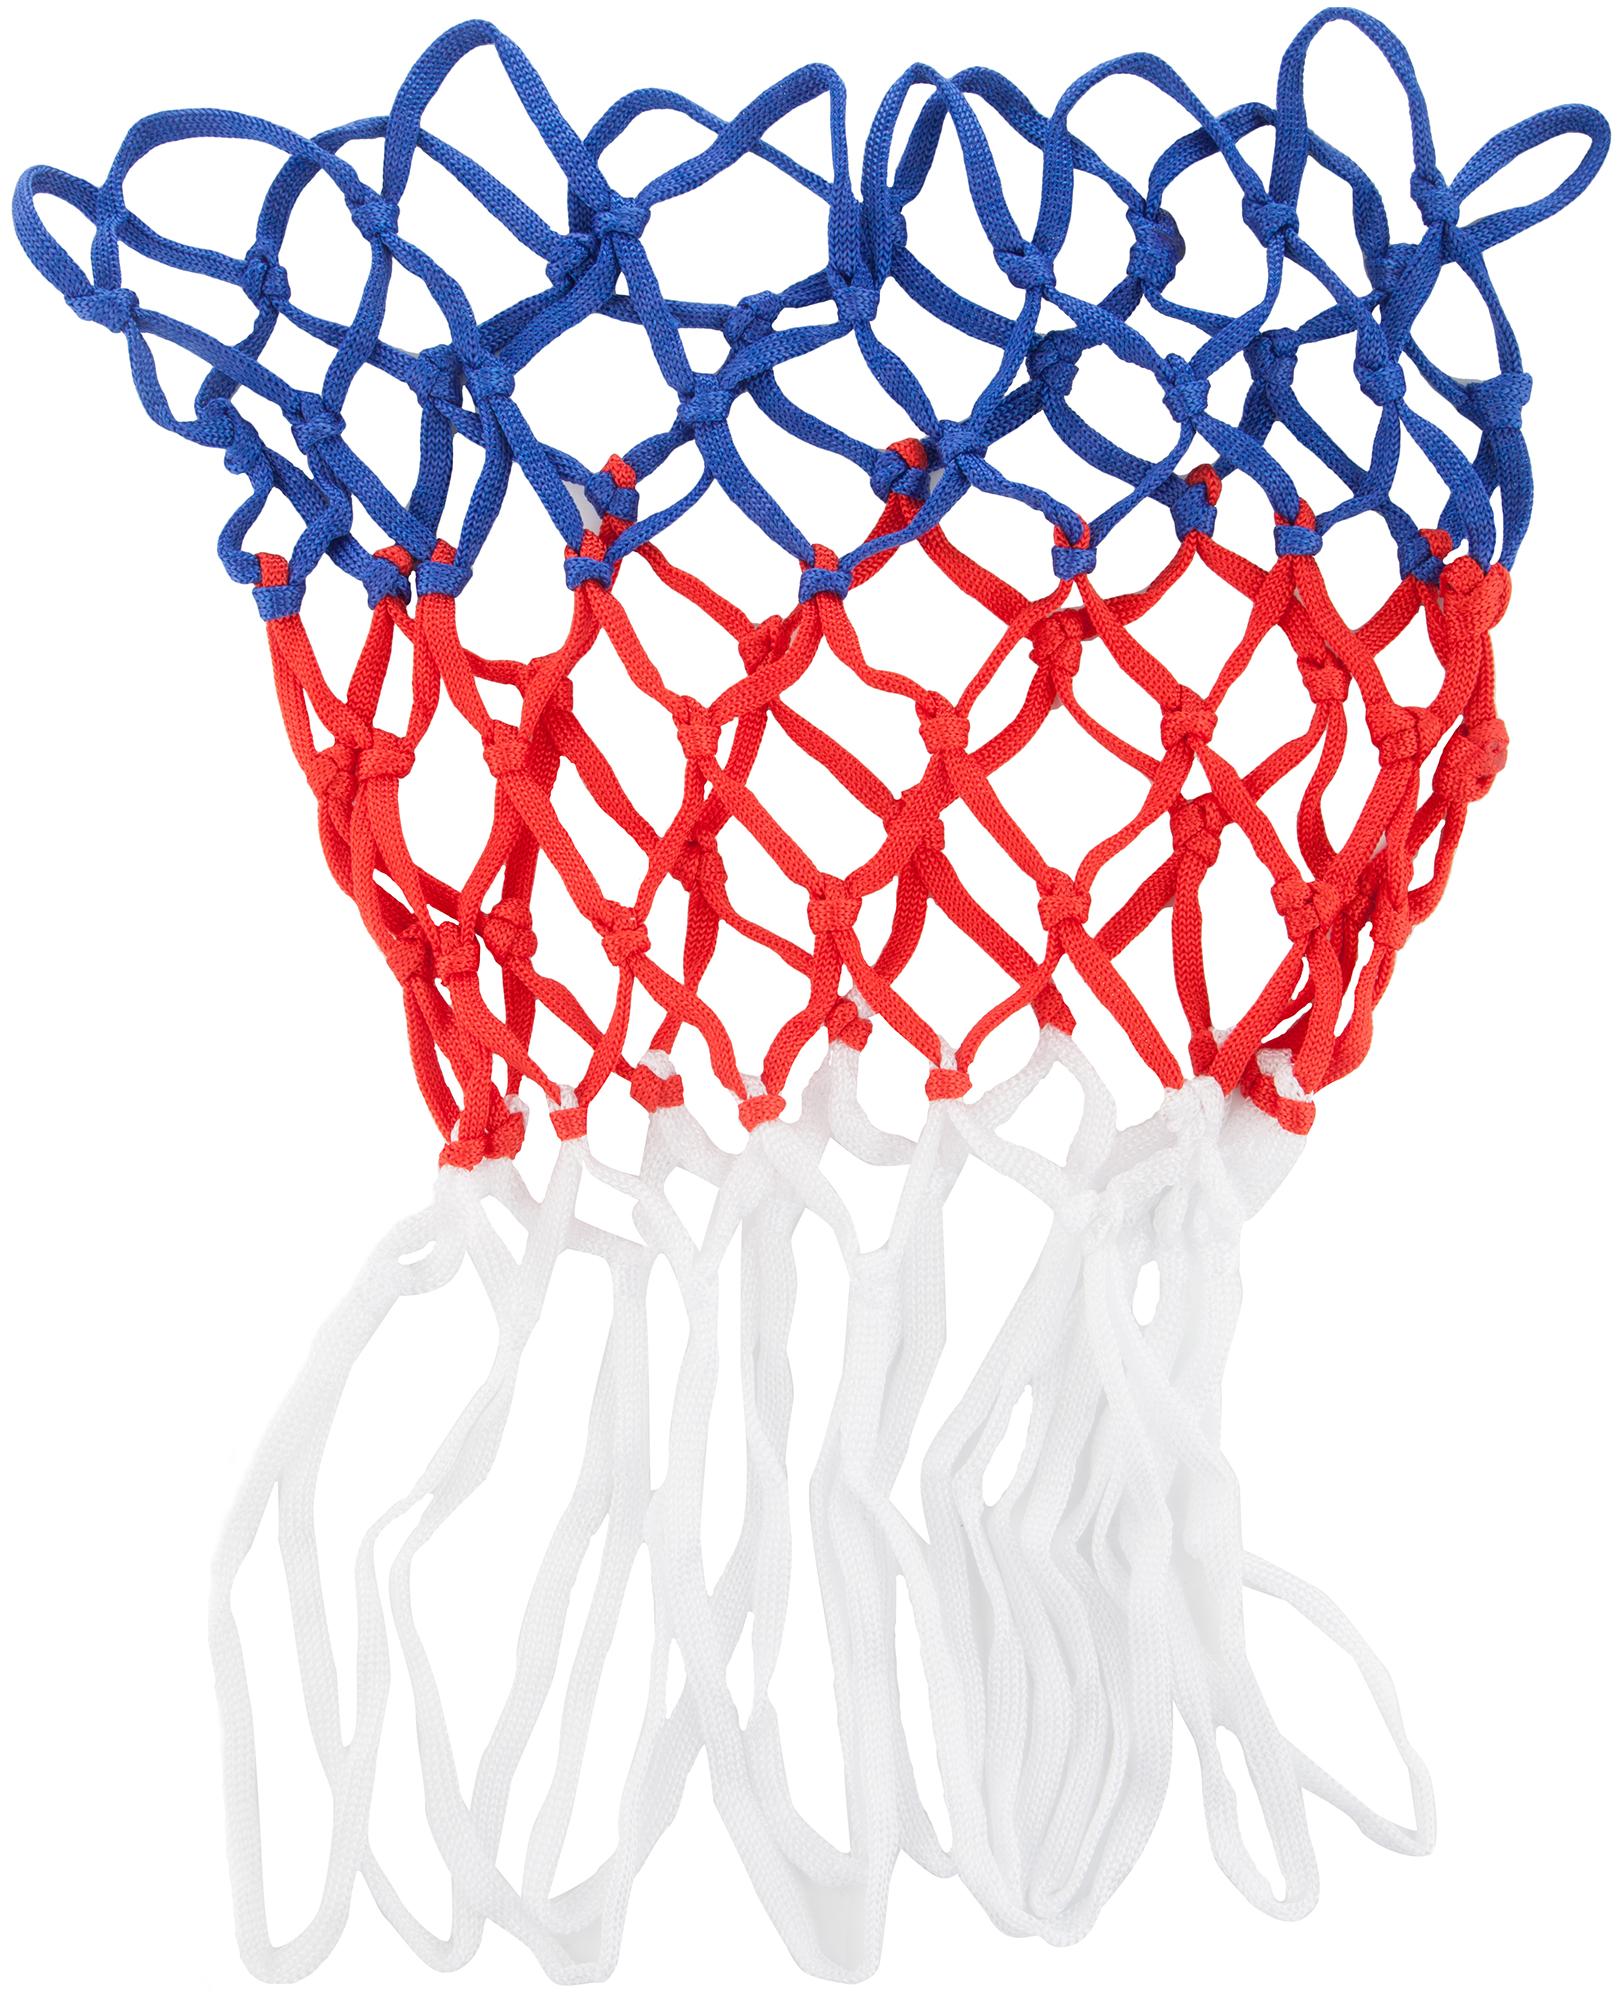 Demix Сетка для баскетбольного кольца Demix